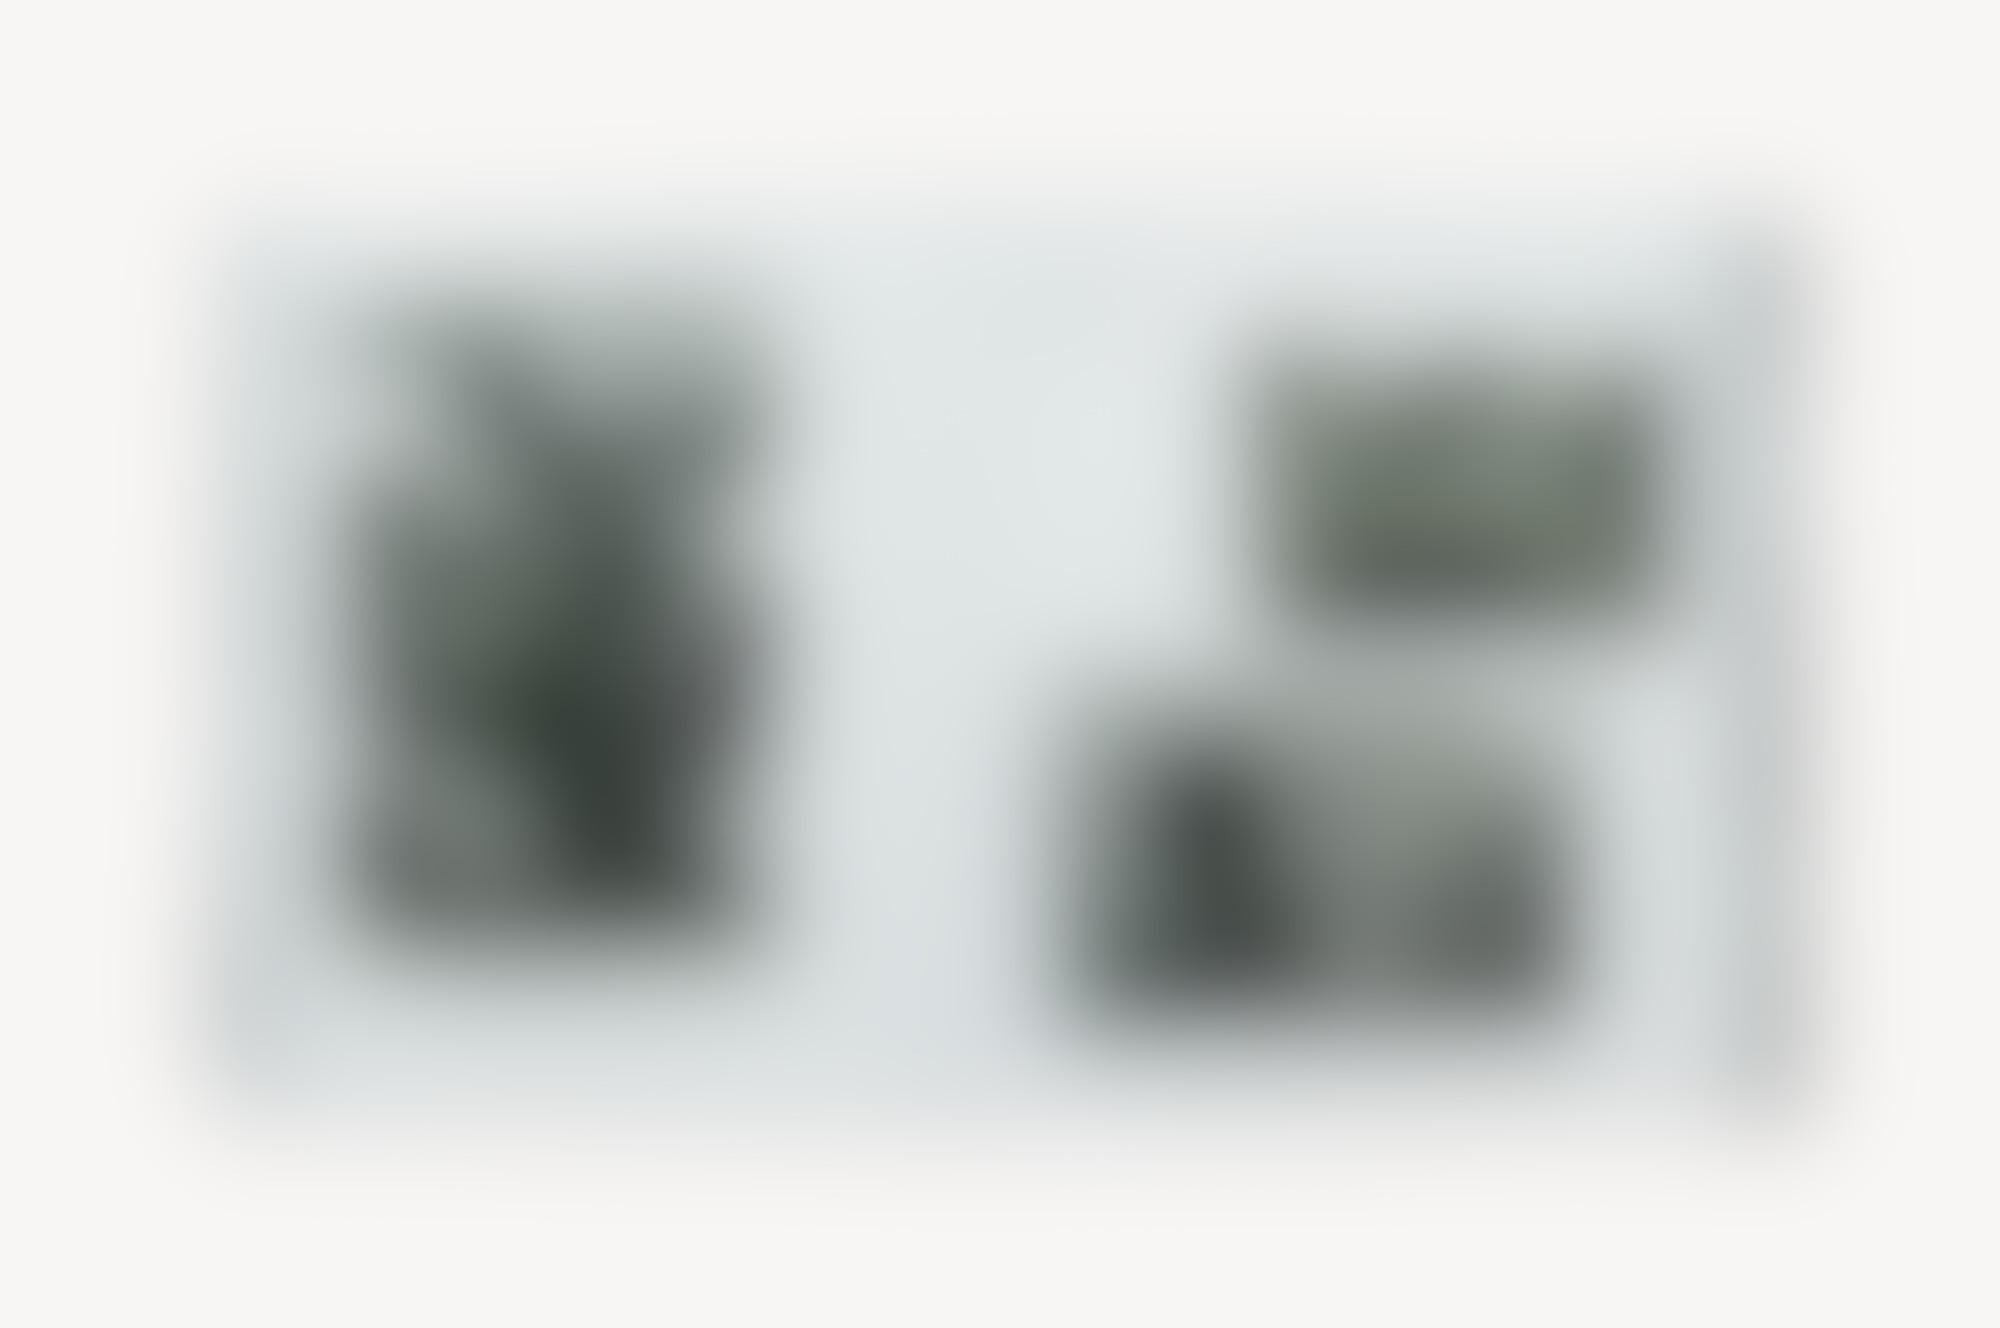 230 cuba 5 autocompressfitresizeixlibphp 1 1 0max h2000max w3 D2000q80s09945b7cd504257ea8f5d3033f9fb13b